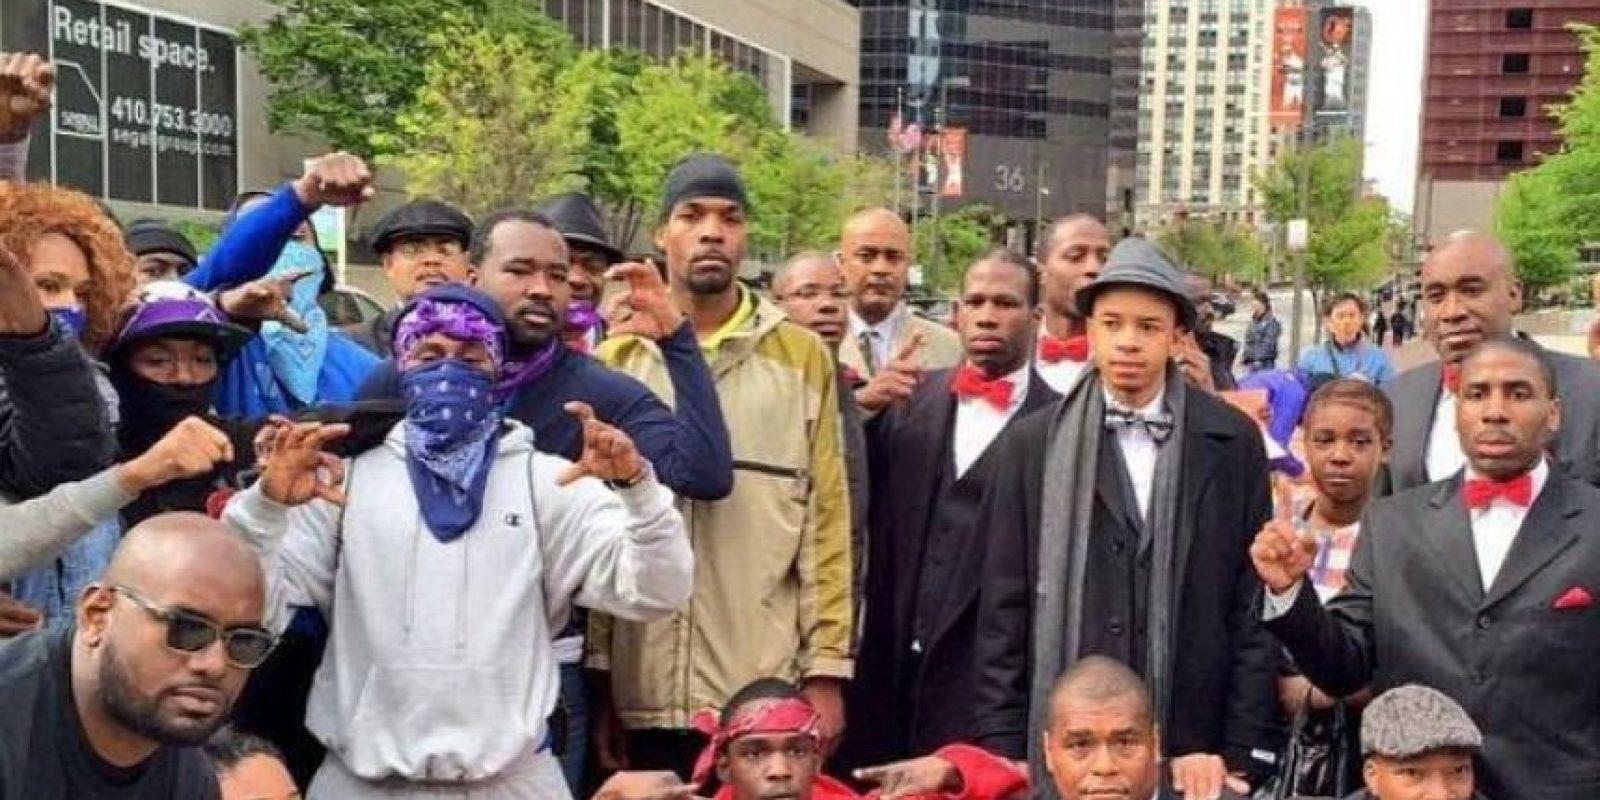 Algunas de los grupos rivales en la ciudad se unieron durante las marchas como muestra de entendimiento. Foto:Facebook.com/MillionManMarch20th